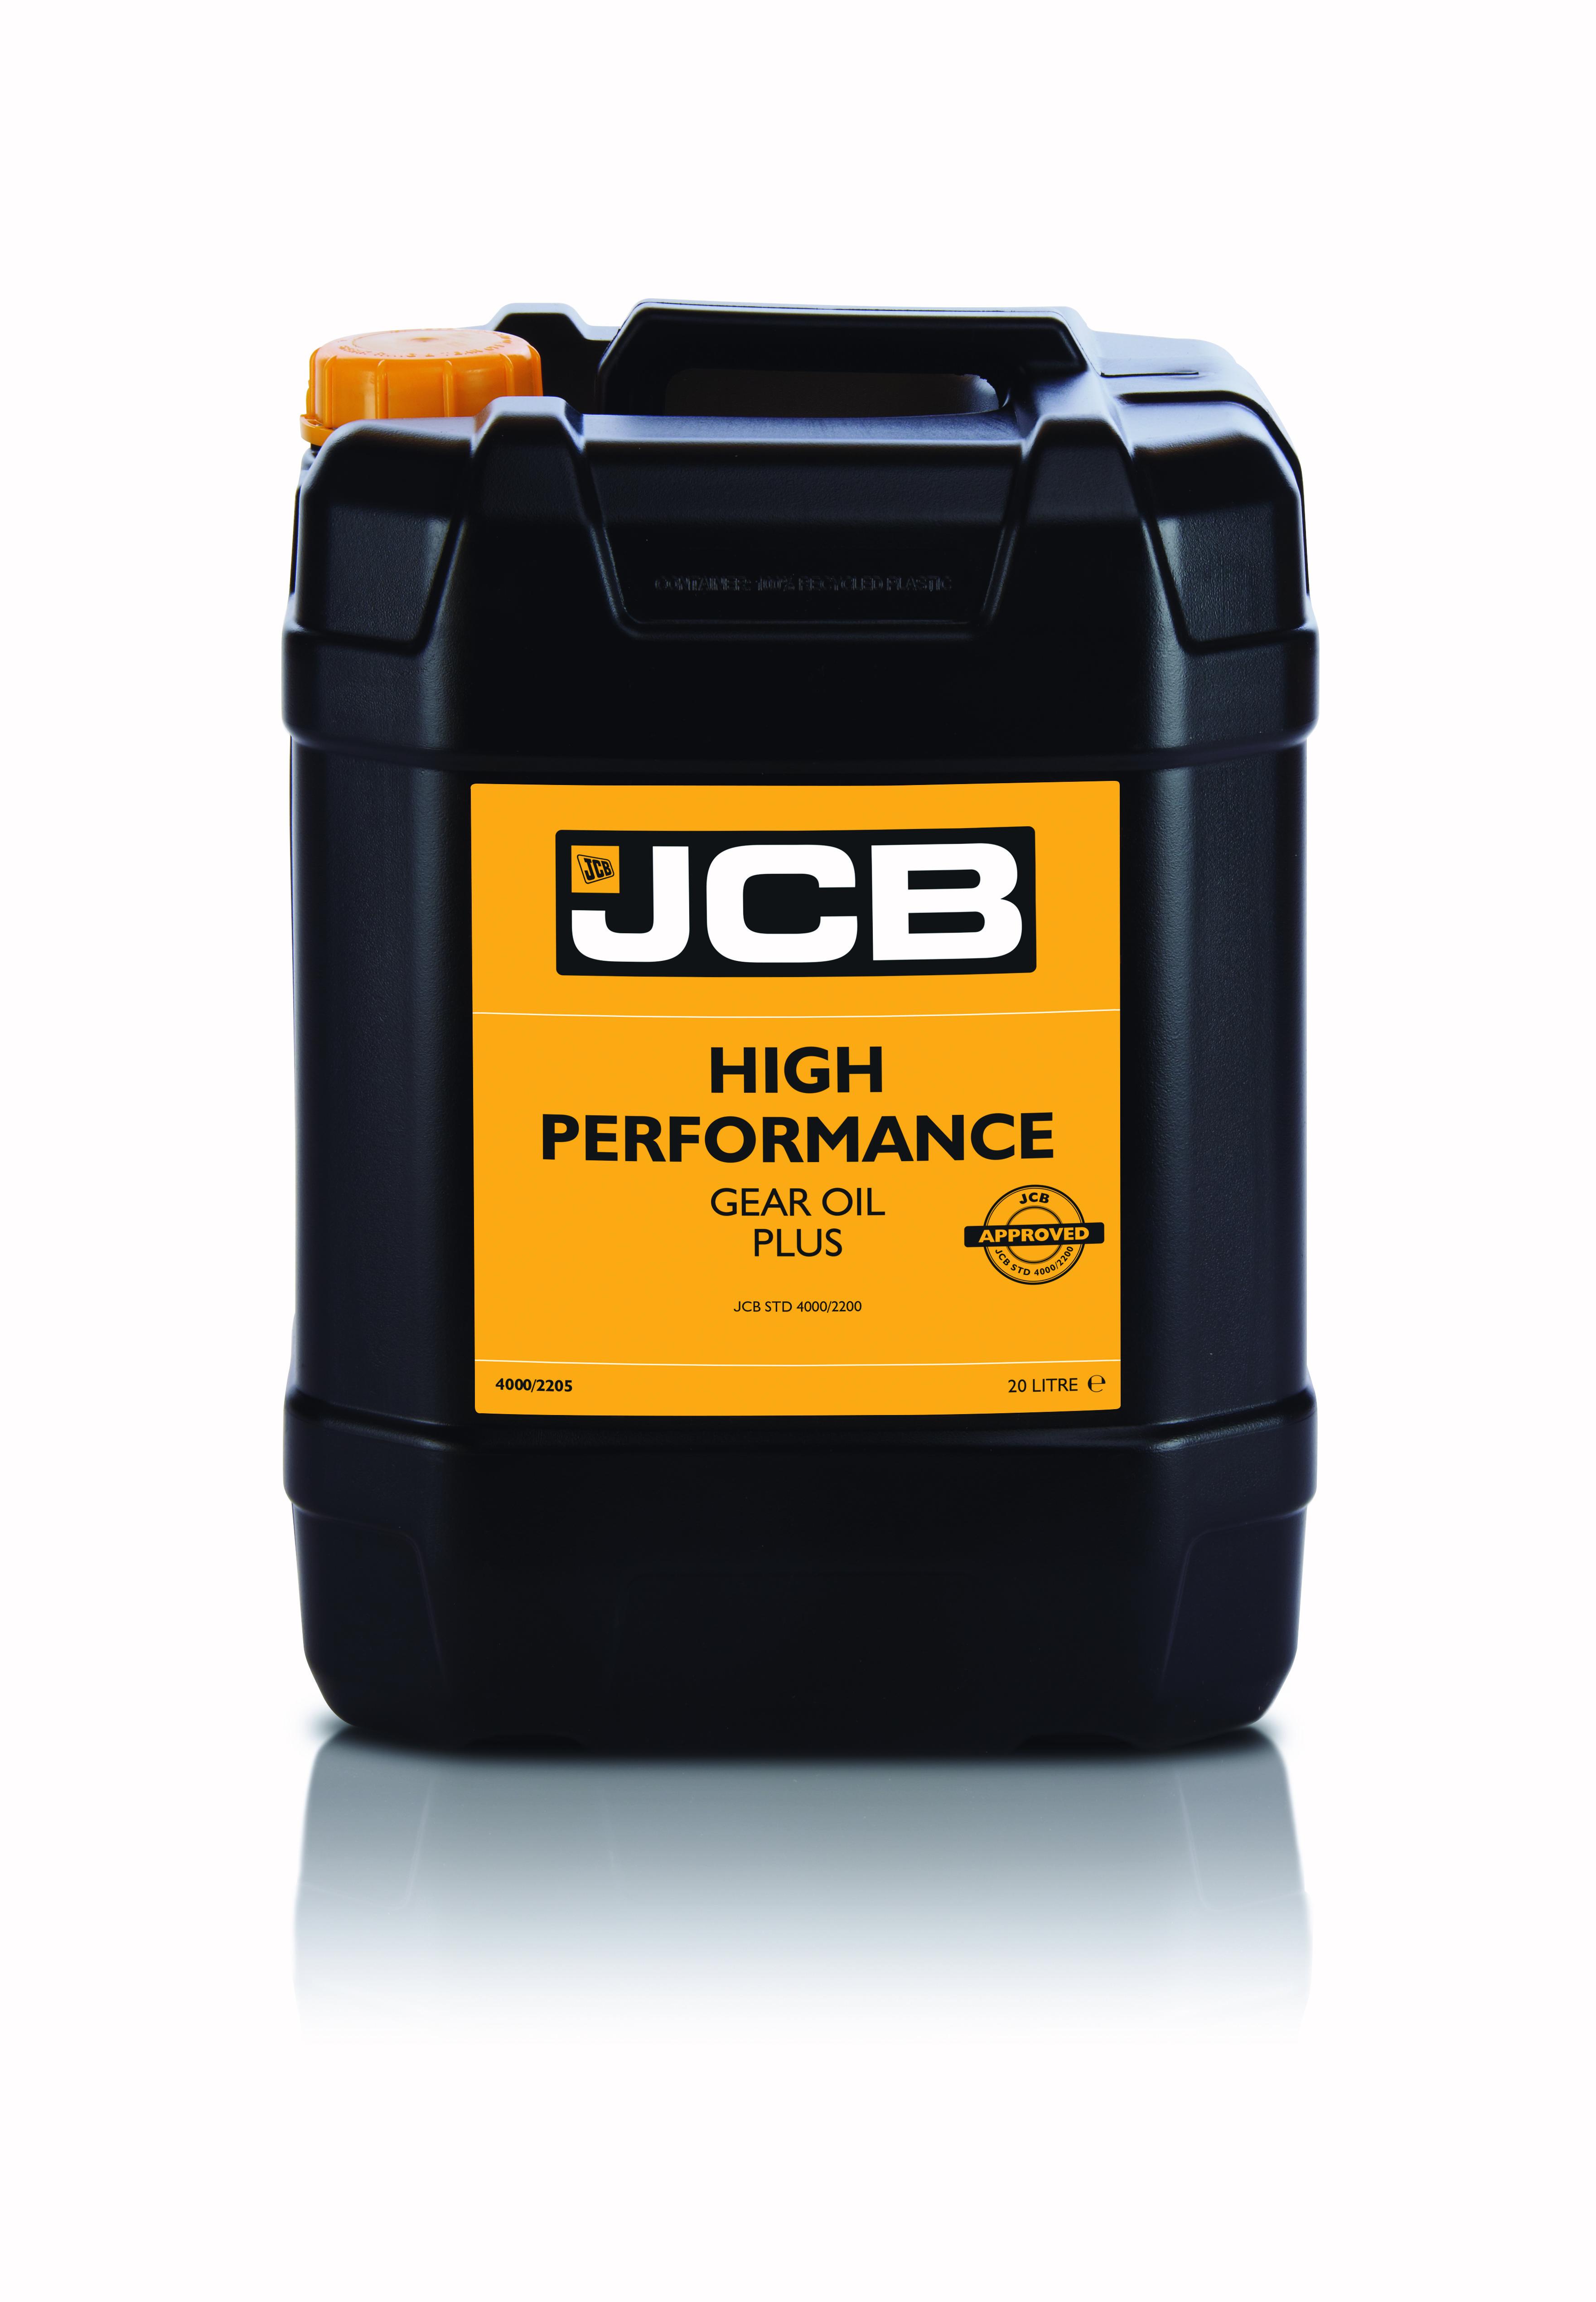 Aceite JCB de engranajes y transmisiones